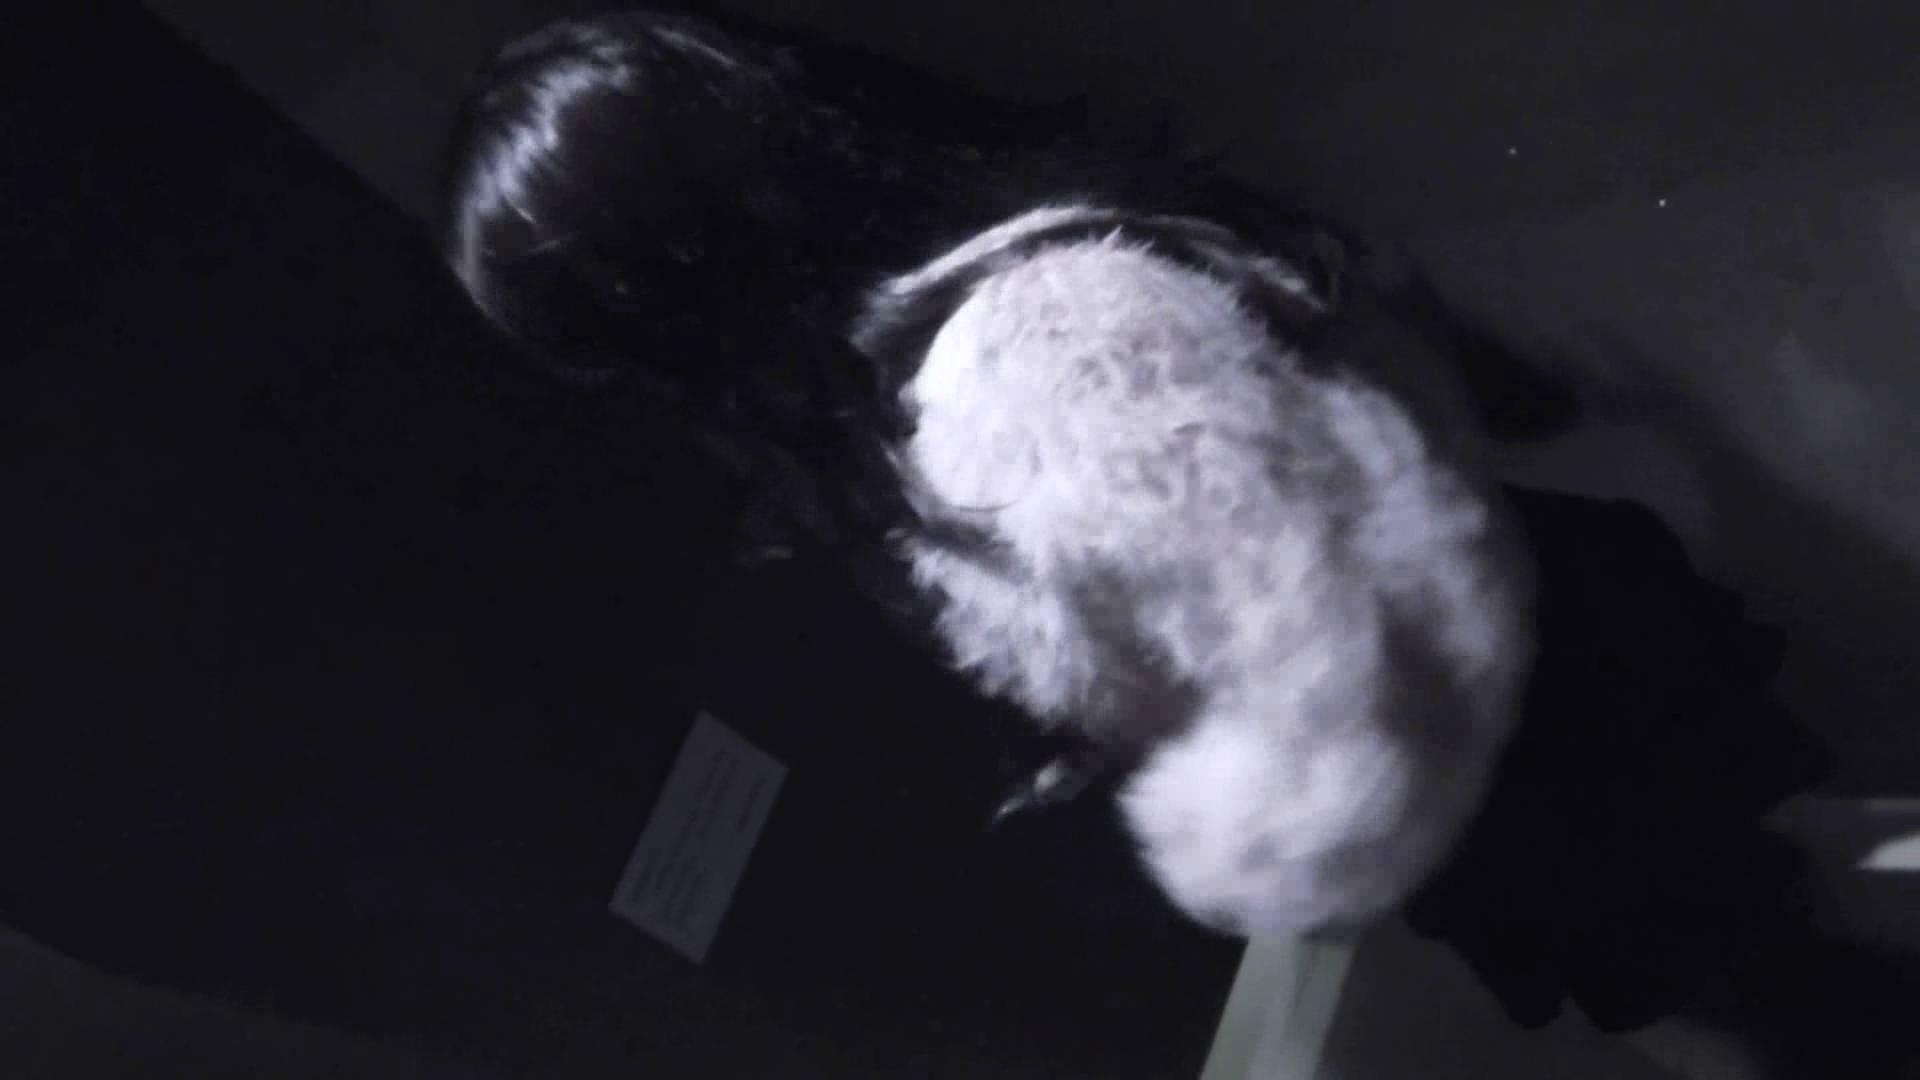 世界の射窓から vol.35 女厕偷拍, 美罗城 南宁国贸 ハプニング  33Pix 1